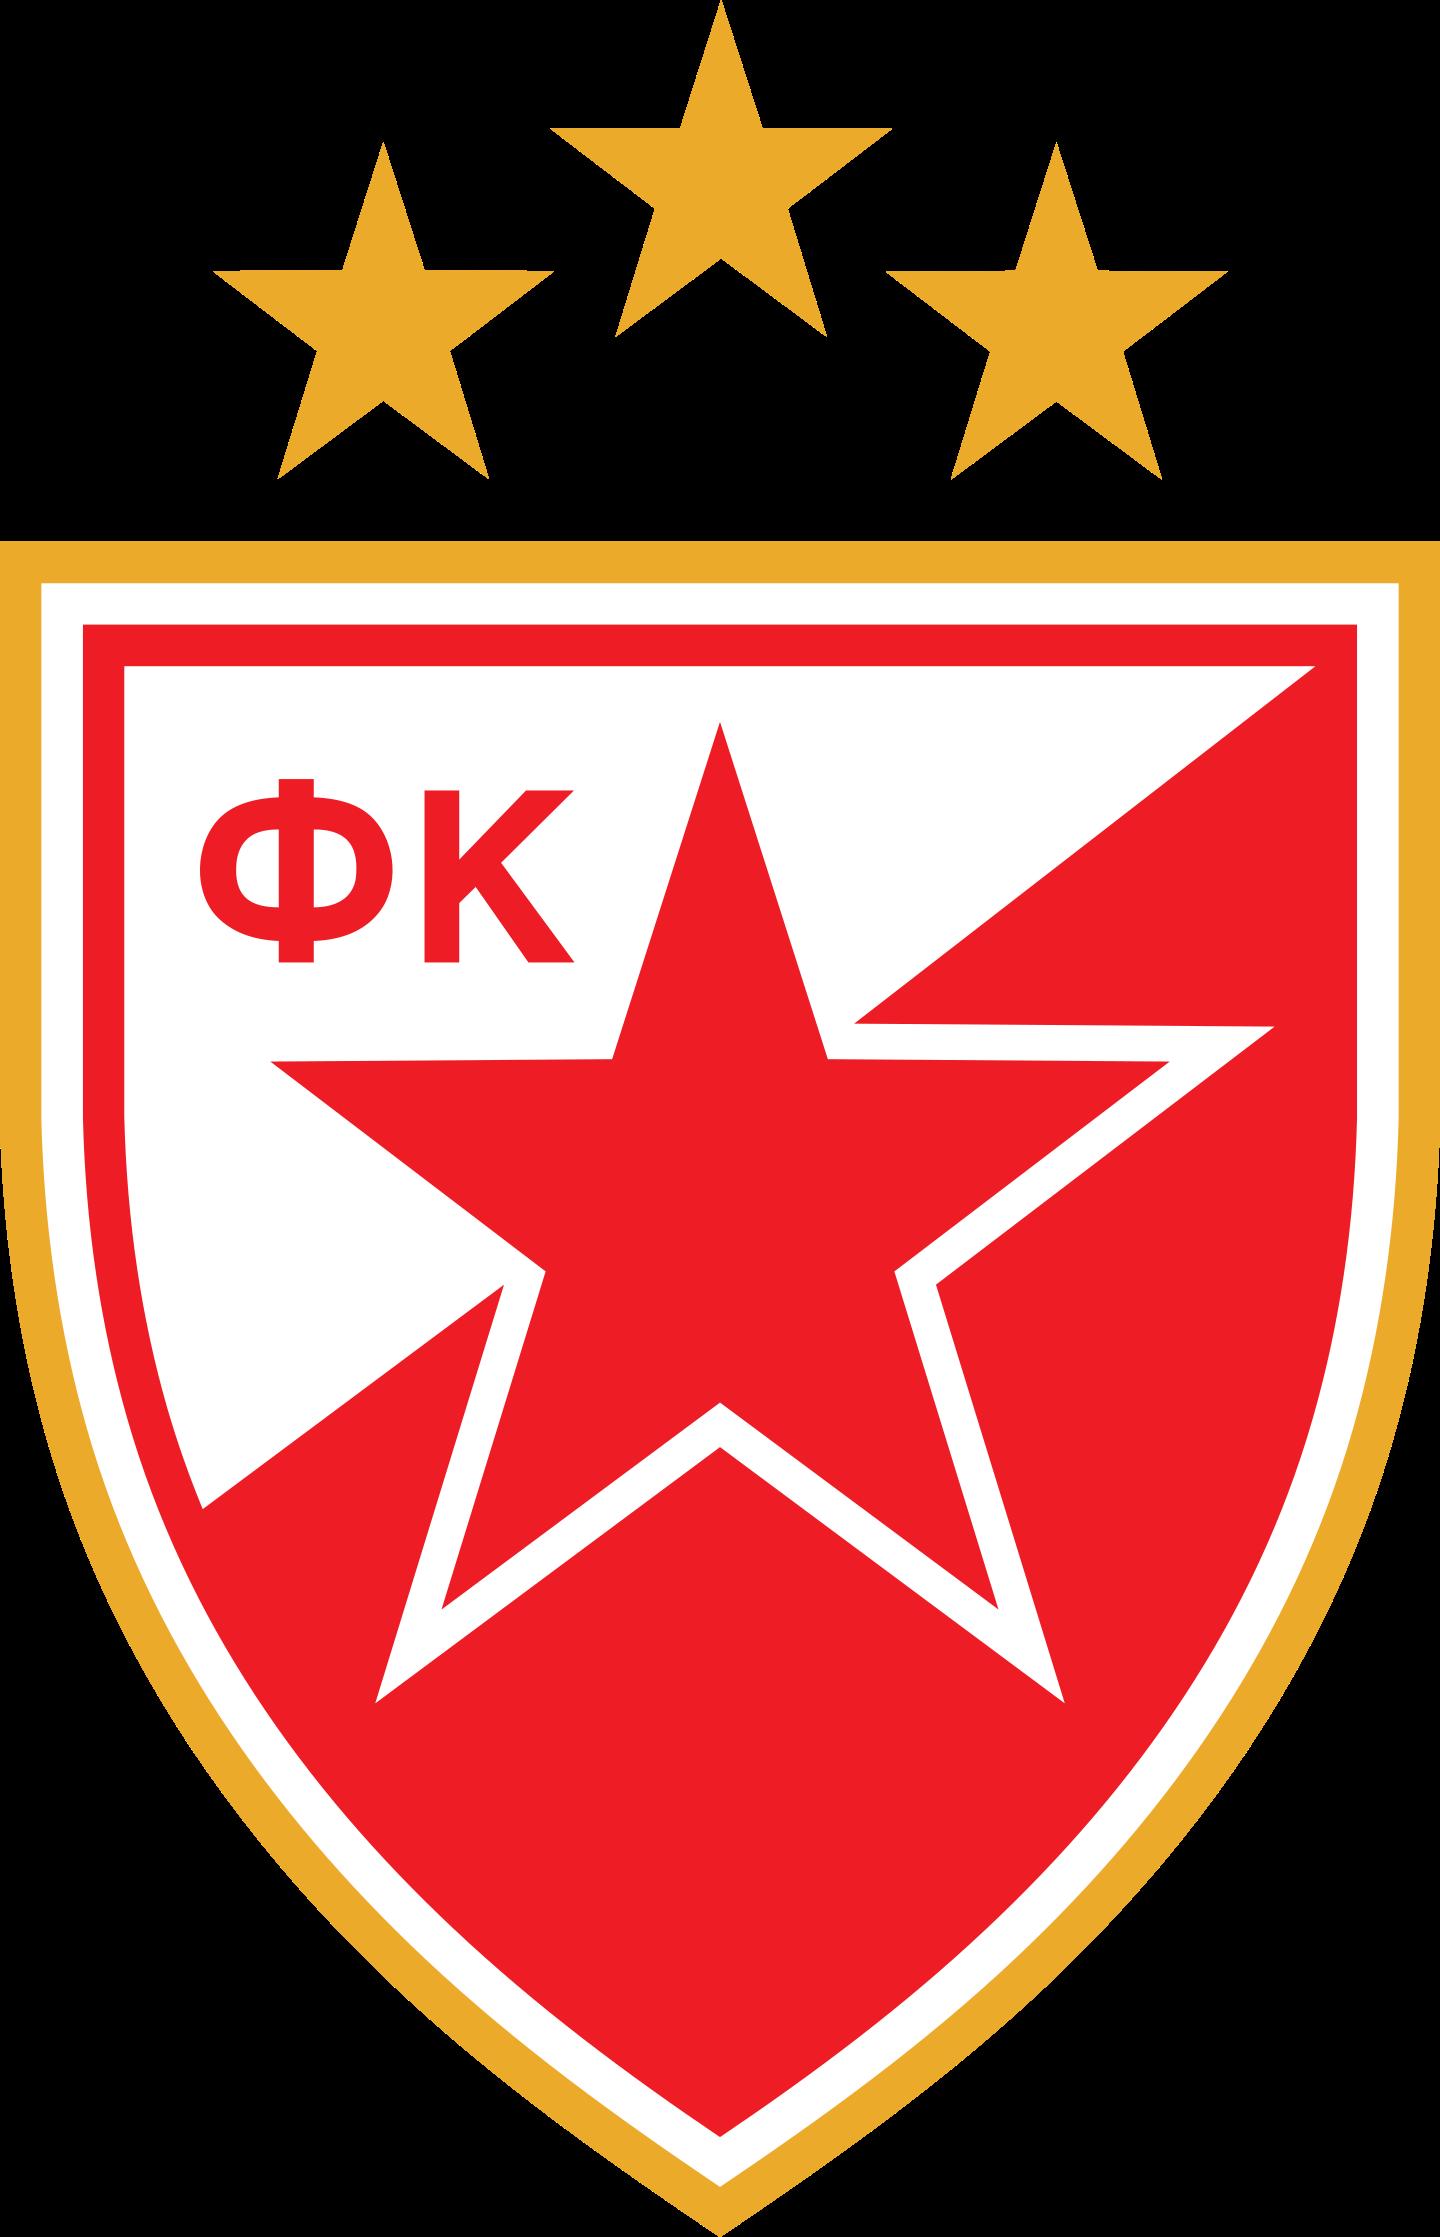 crvena zvezda logo 2 - FK Crvena zvezda - Red Star Belgrade - Logo